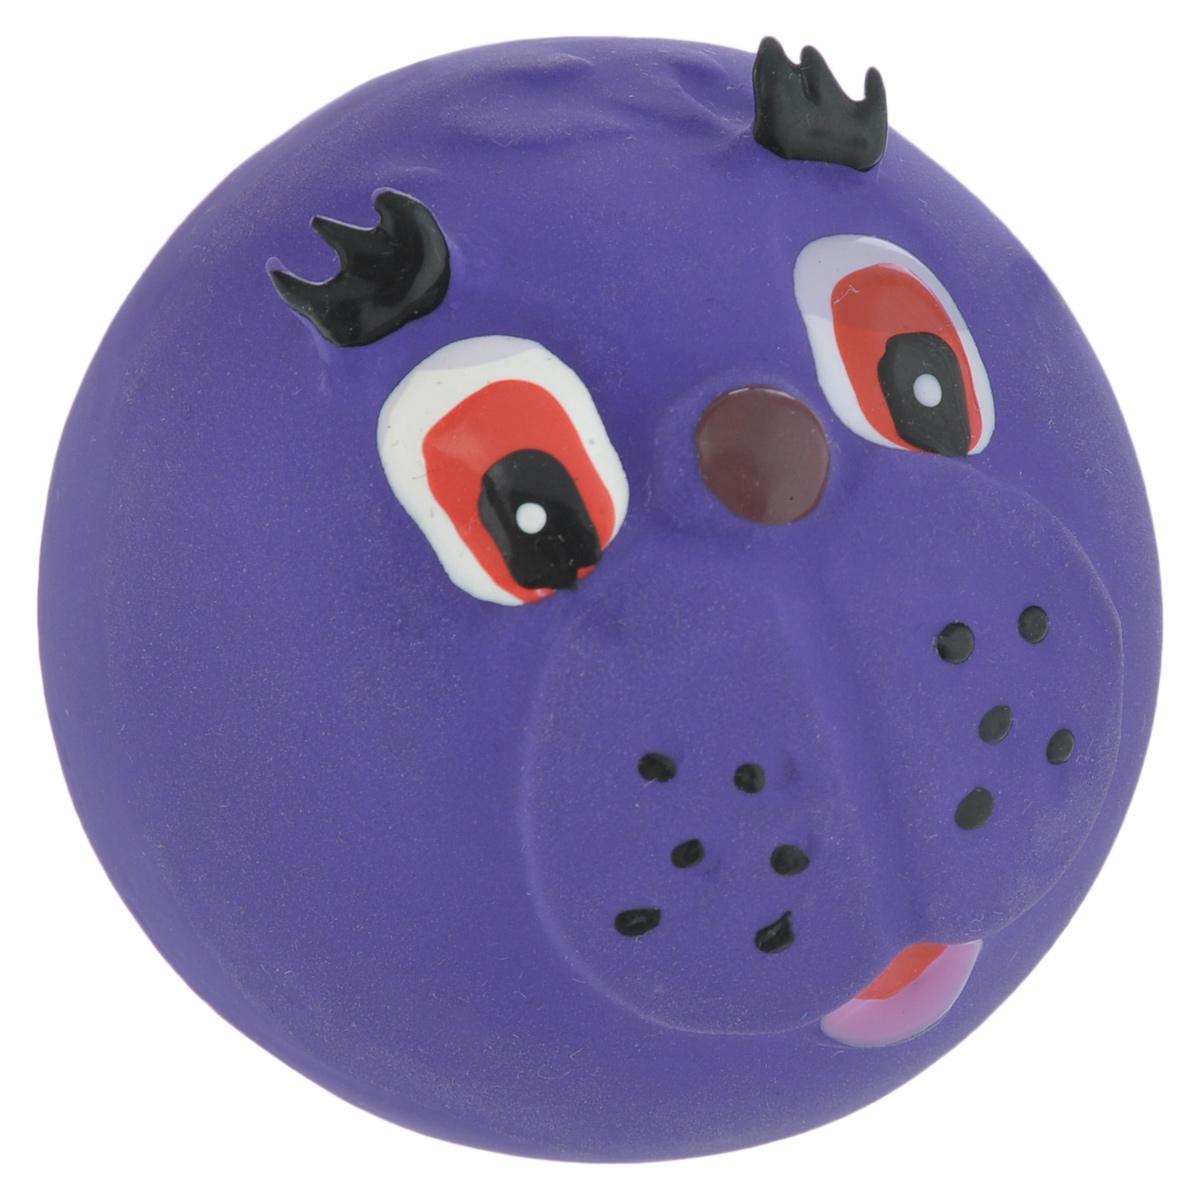 Игрушка для собак I.P.T.S. Мяч с мордочкой, цвет: фиолетовый, диаметр 7 см620560_фиолетовыйИгрушка для собак I.P.T.S. Мяч с мордочкой, изготовленная из высококачественного латекса, выполнена в виде мячика с милой мордочкой. Такая игрушка порадует вашего любимца, а вам доставит массу приятных эмоций, ведь наблюдать за игрой всегда интересно и приятно. Оставшись в одиночестве, ваша собака будет увлеченно играть. Диаметр: 7 см.